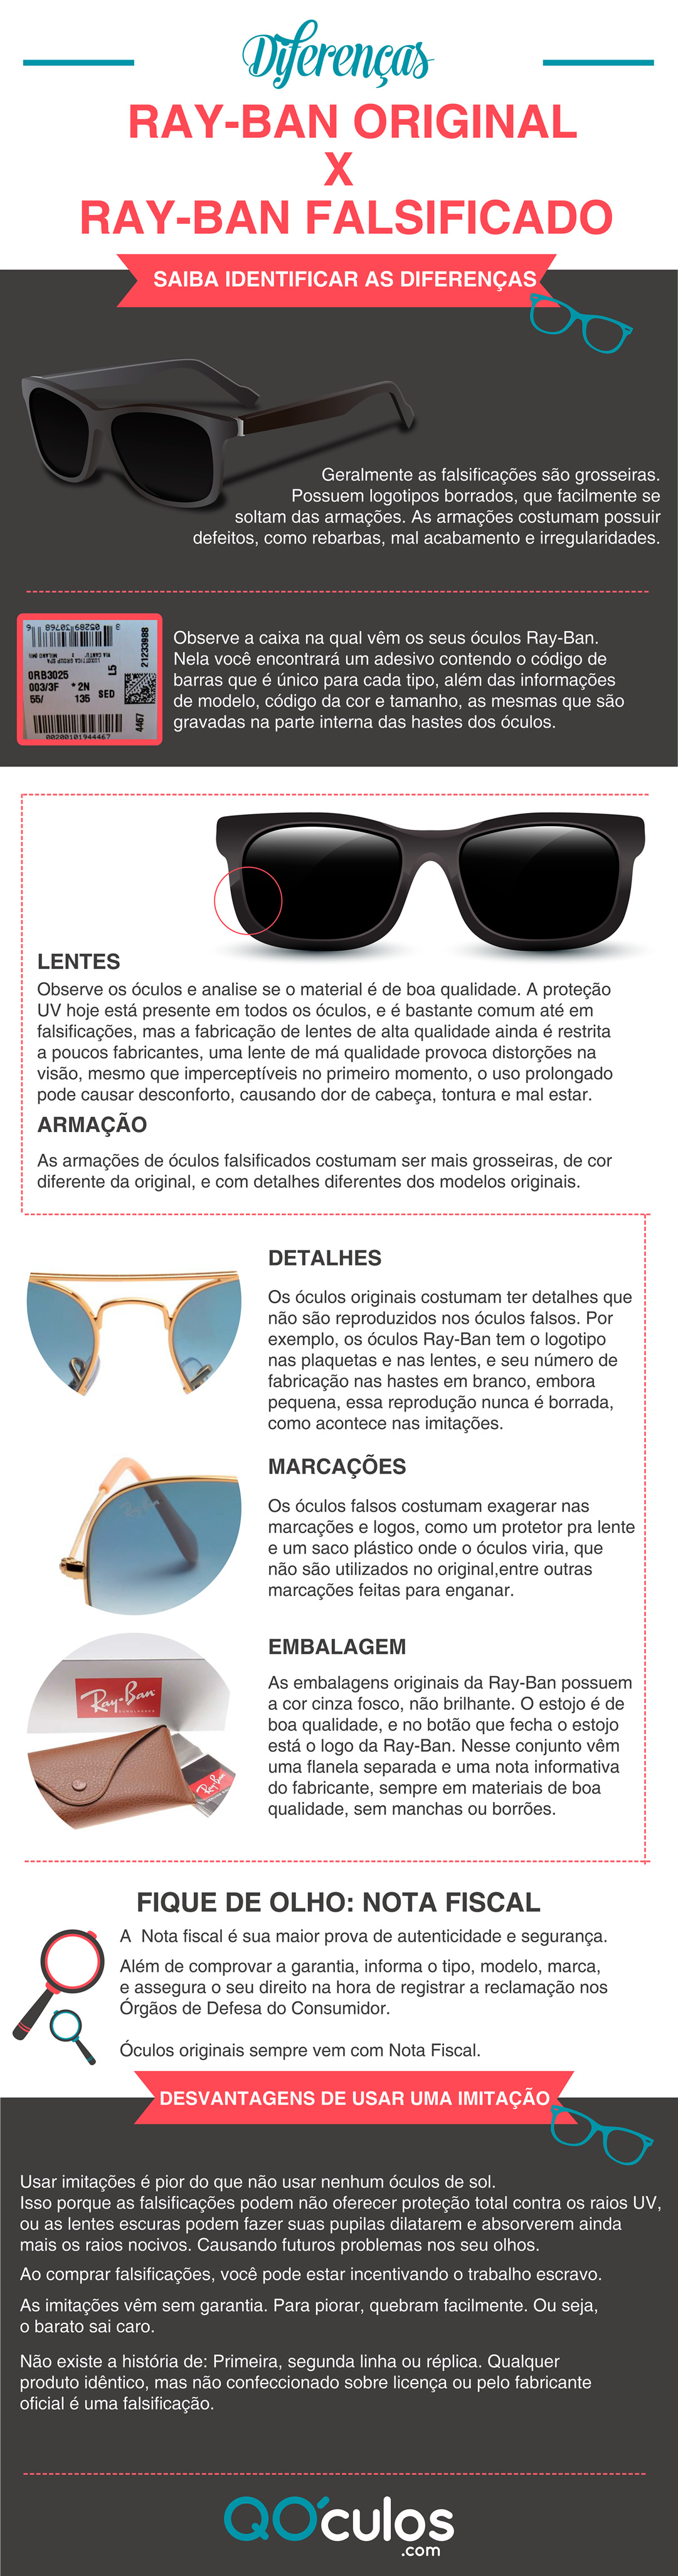 fc566758ba infografico-como-identificar-oculos-original-ou-oculos-falsificado